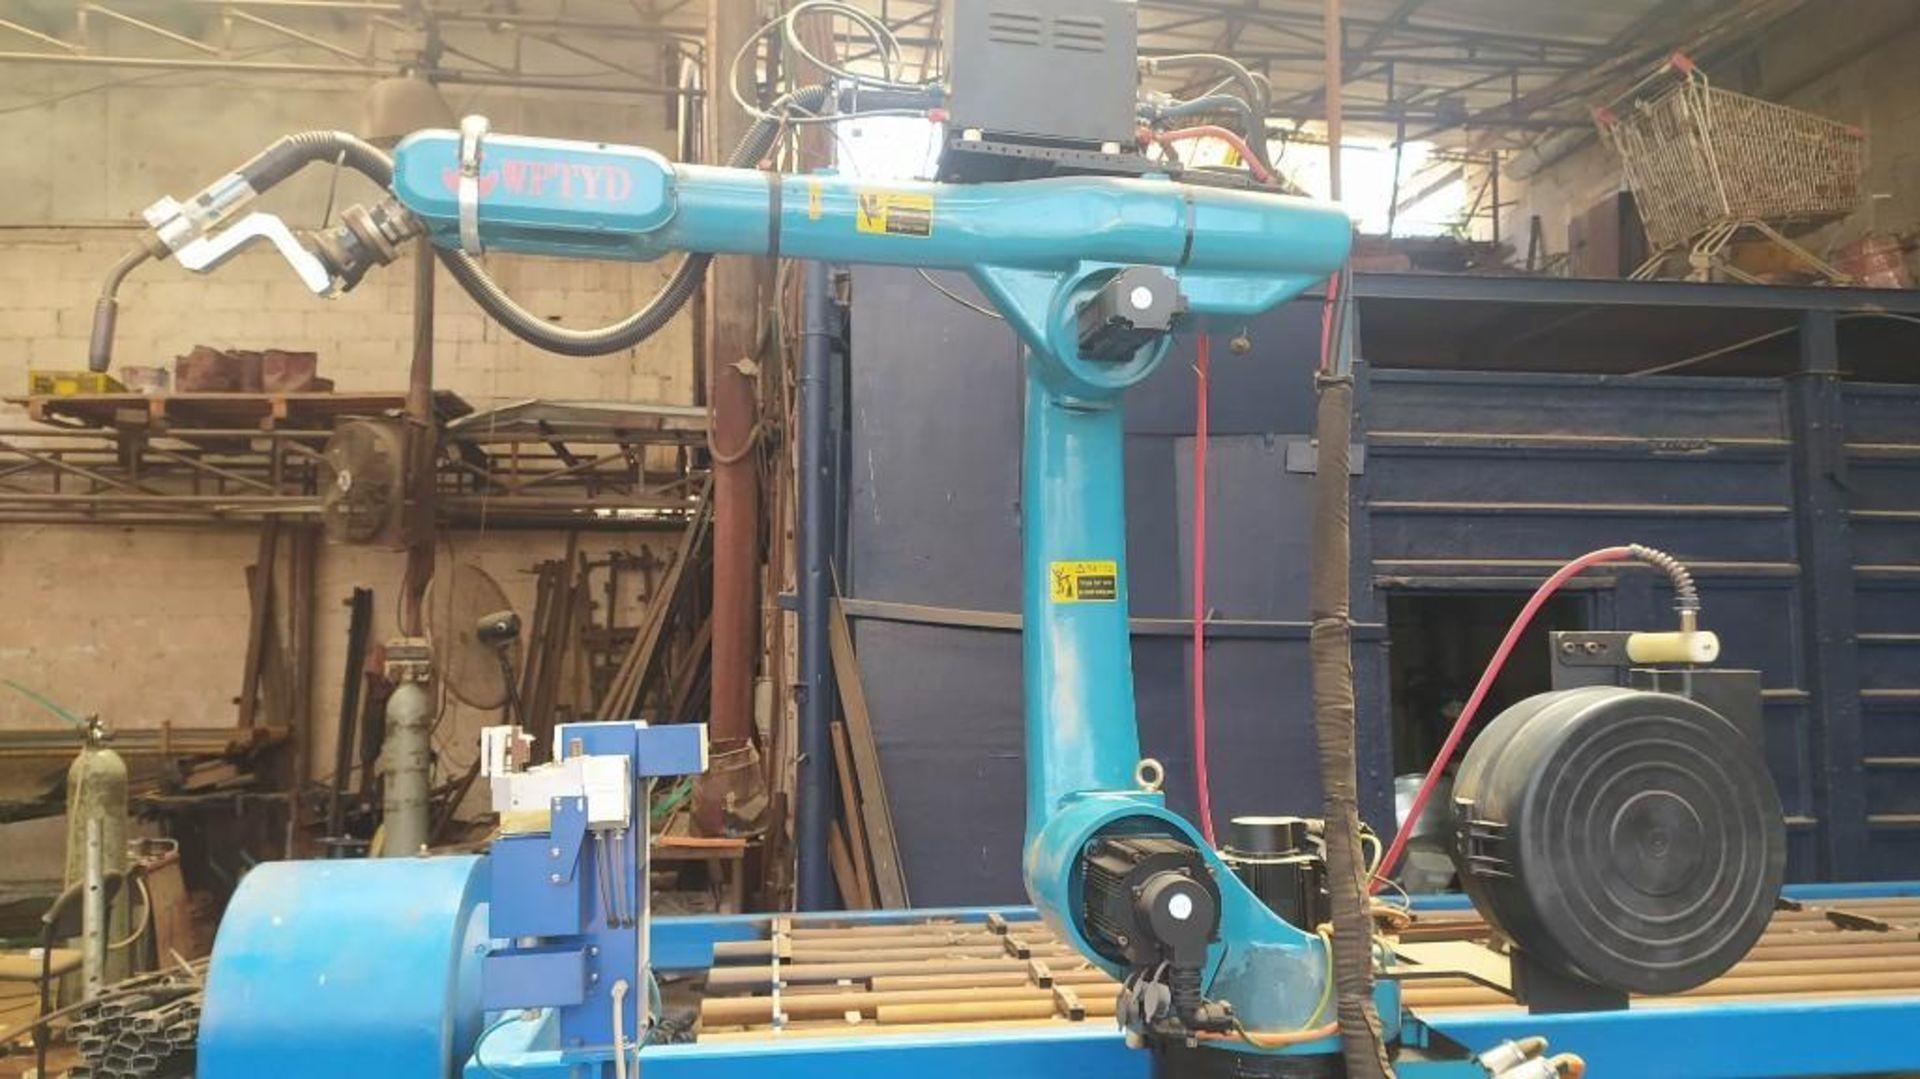 Lot 37 - WPTYD ROBOTIC WELDING STATION; MODEL BWJ200